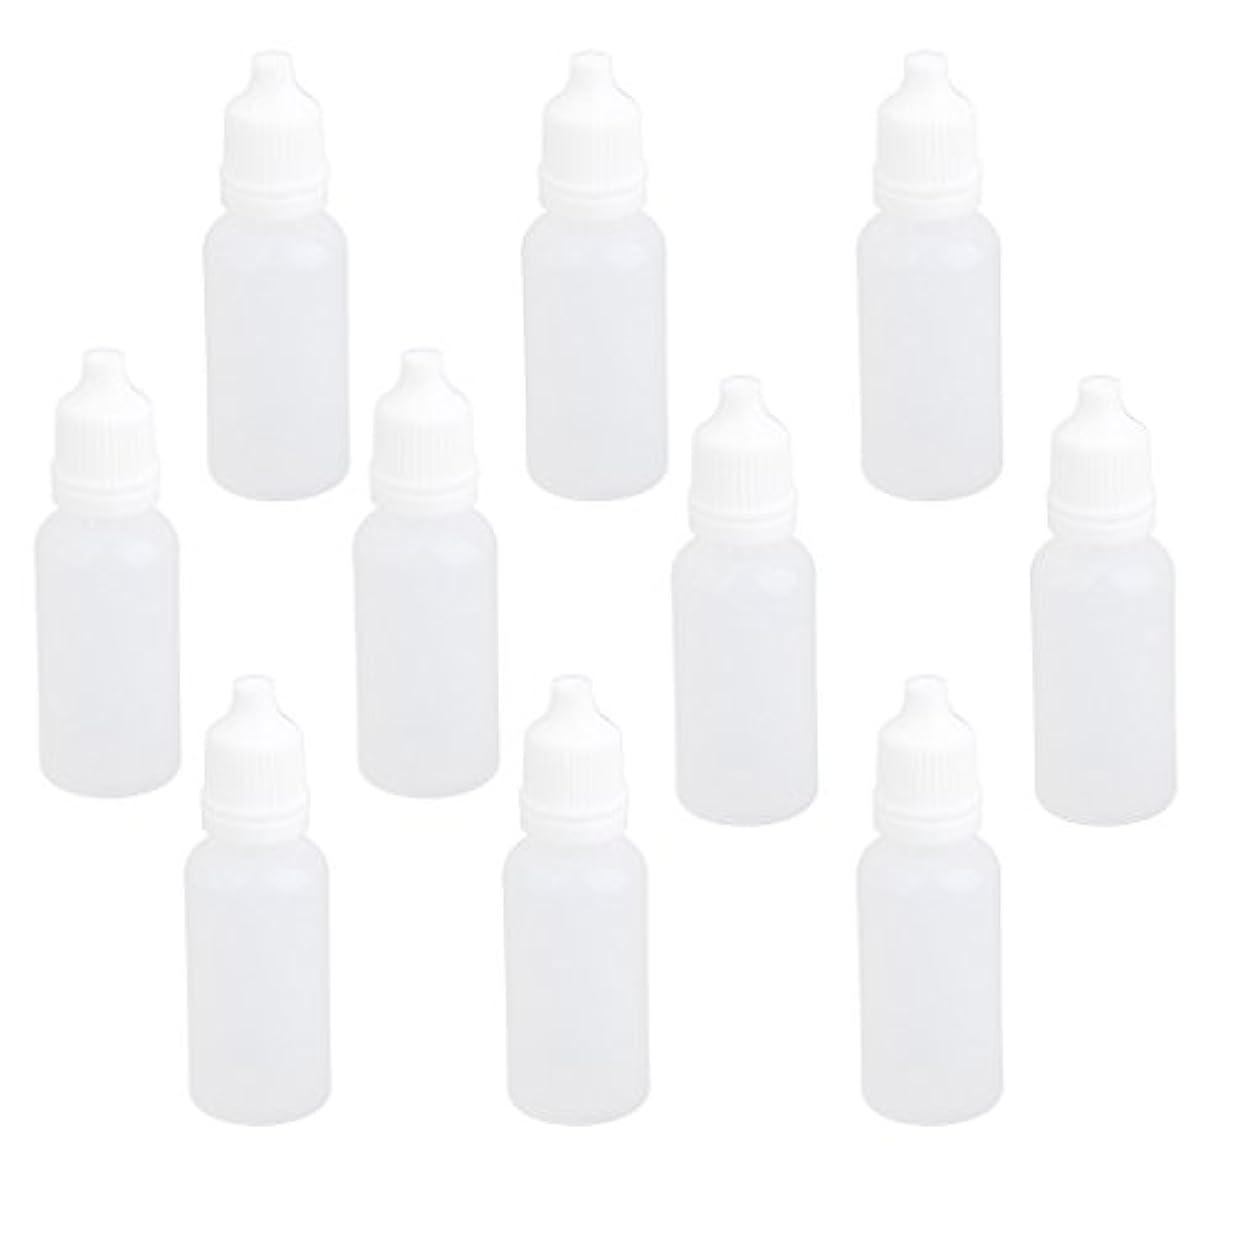 ルート人事シェード【ノーブランド品】ドロッパーボトル 点眼 液体 貯蔵用 滴瓶 プラスチック製 10個 (15ml)